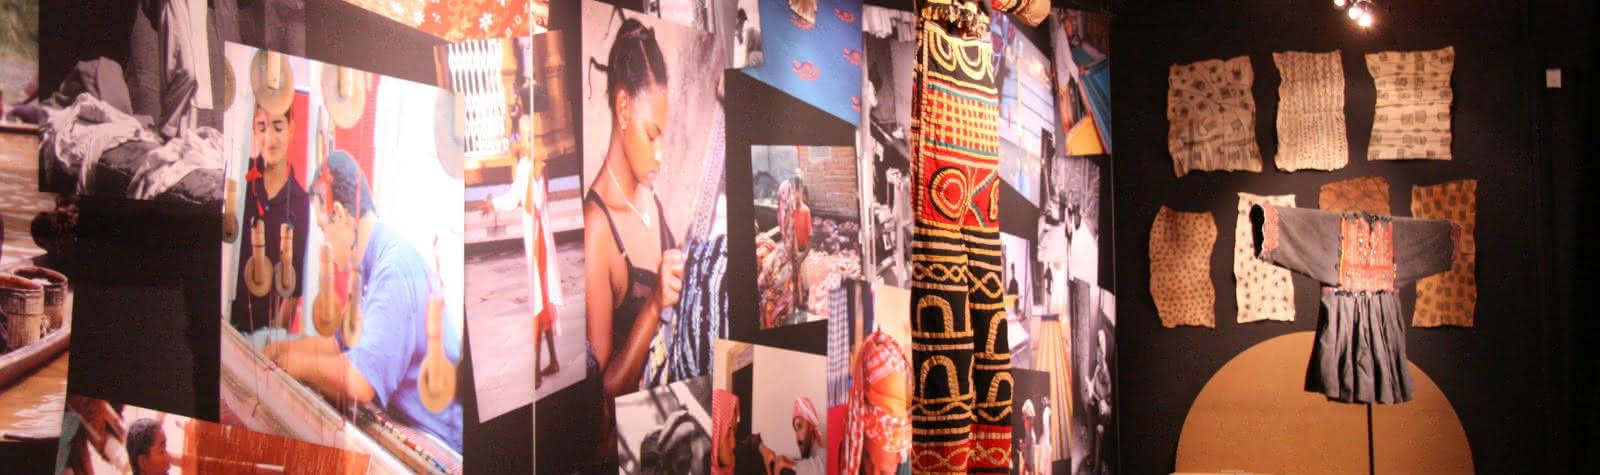 Musée Bargoin - Au fil des vacances : À pas feutrés